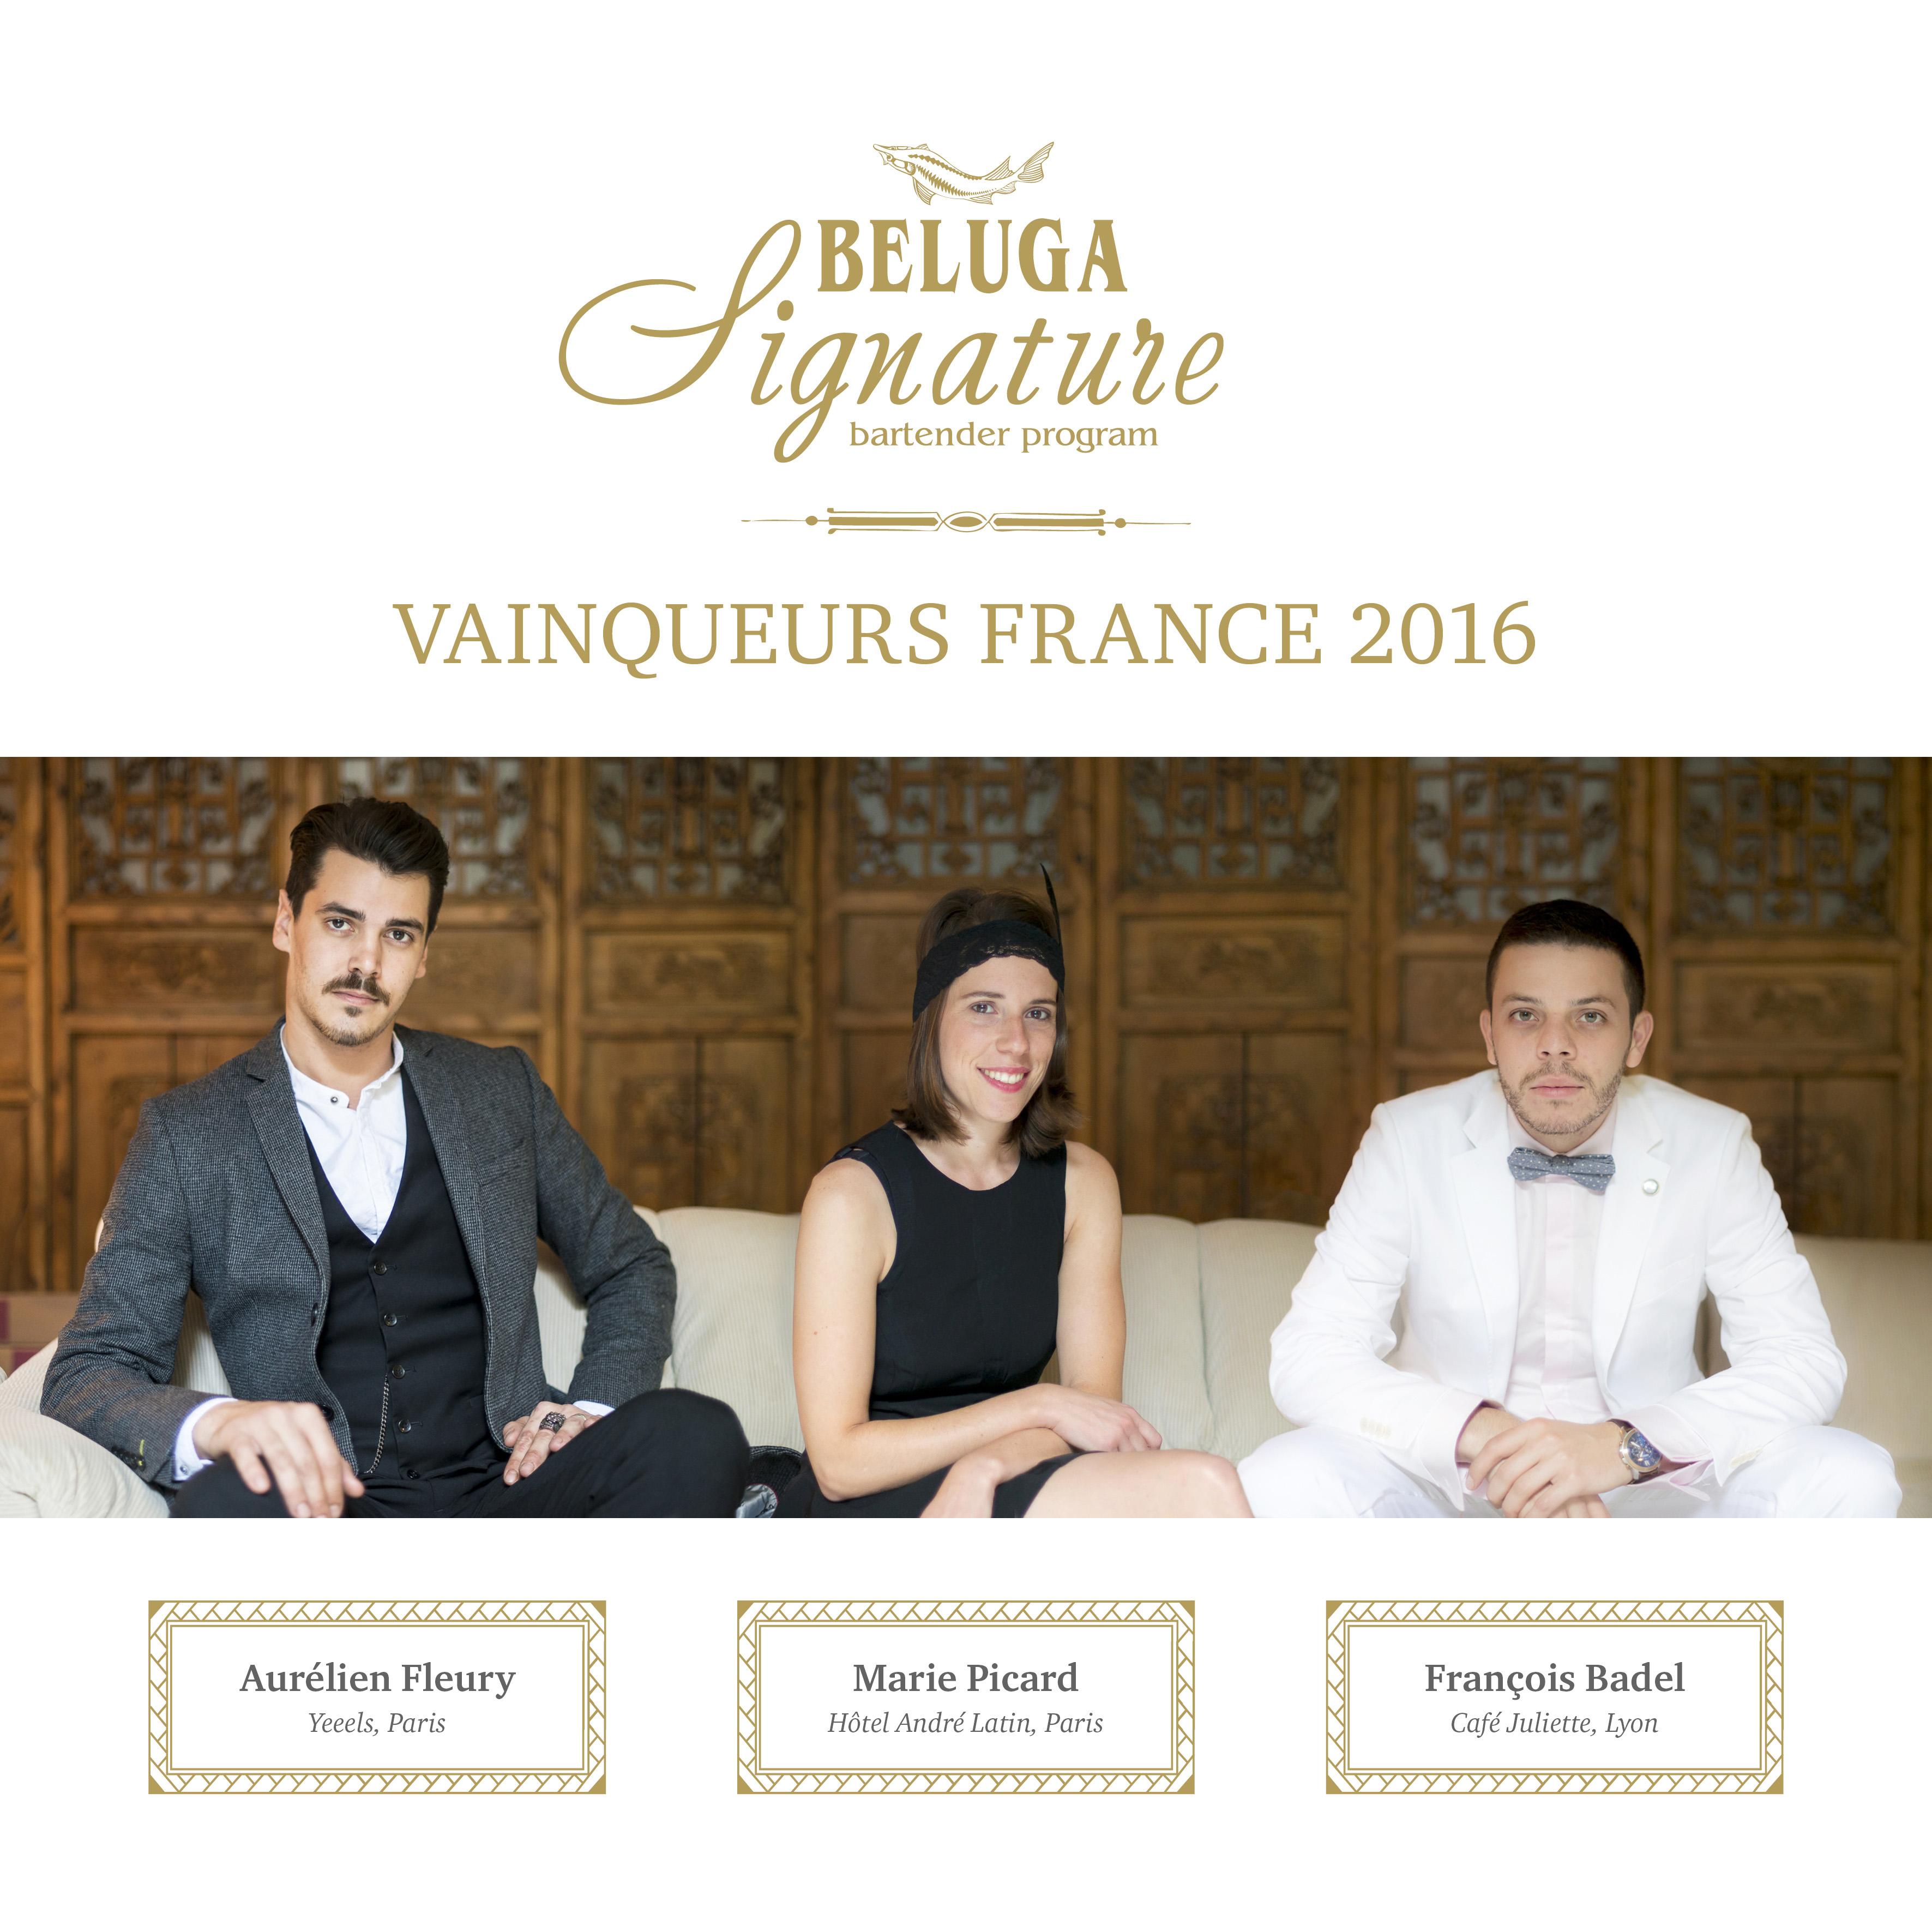 Finale France du Beluga Signature 2016 : Les résultats